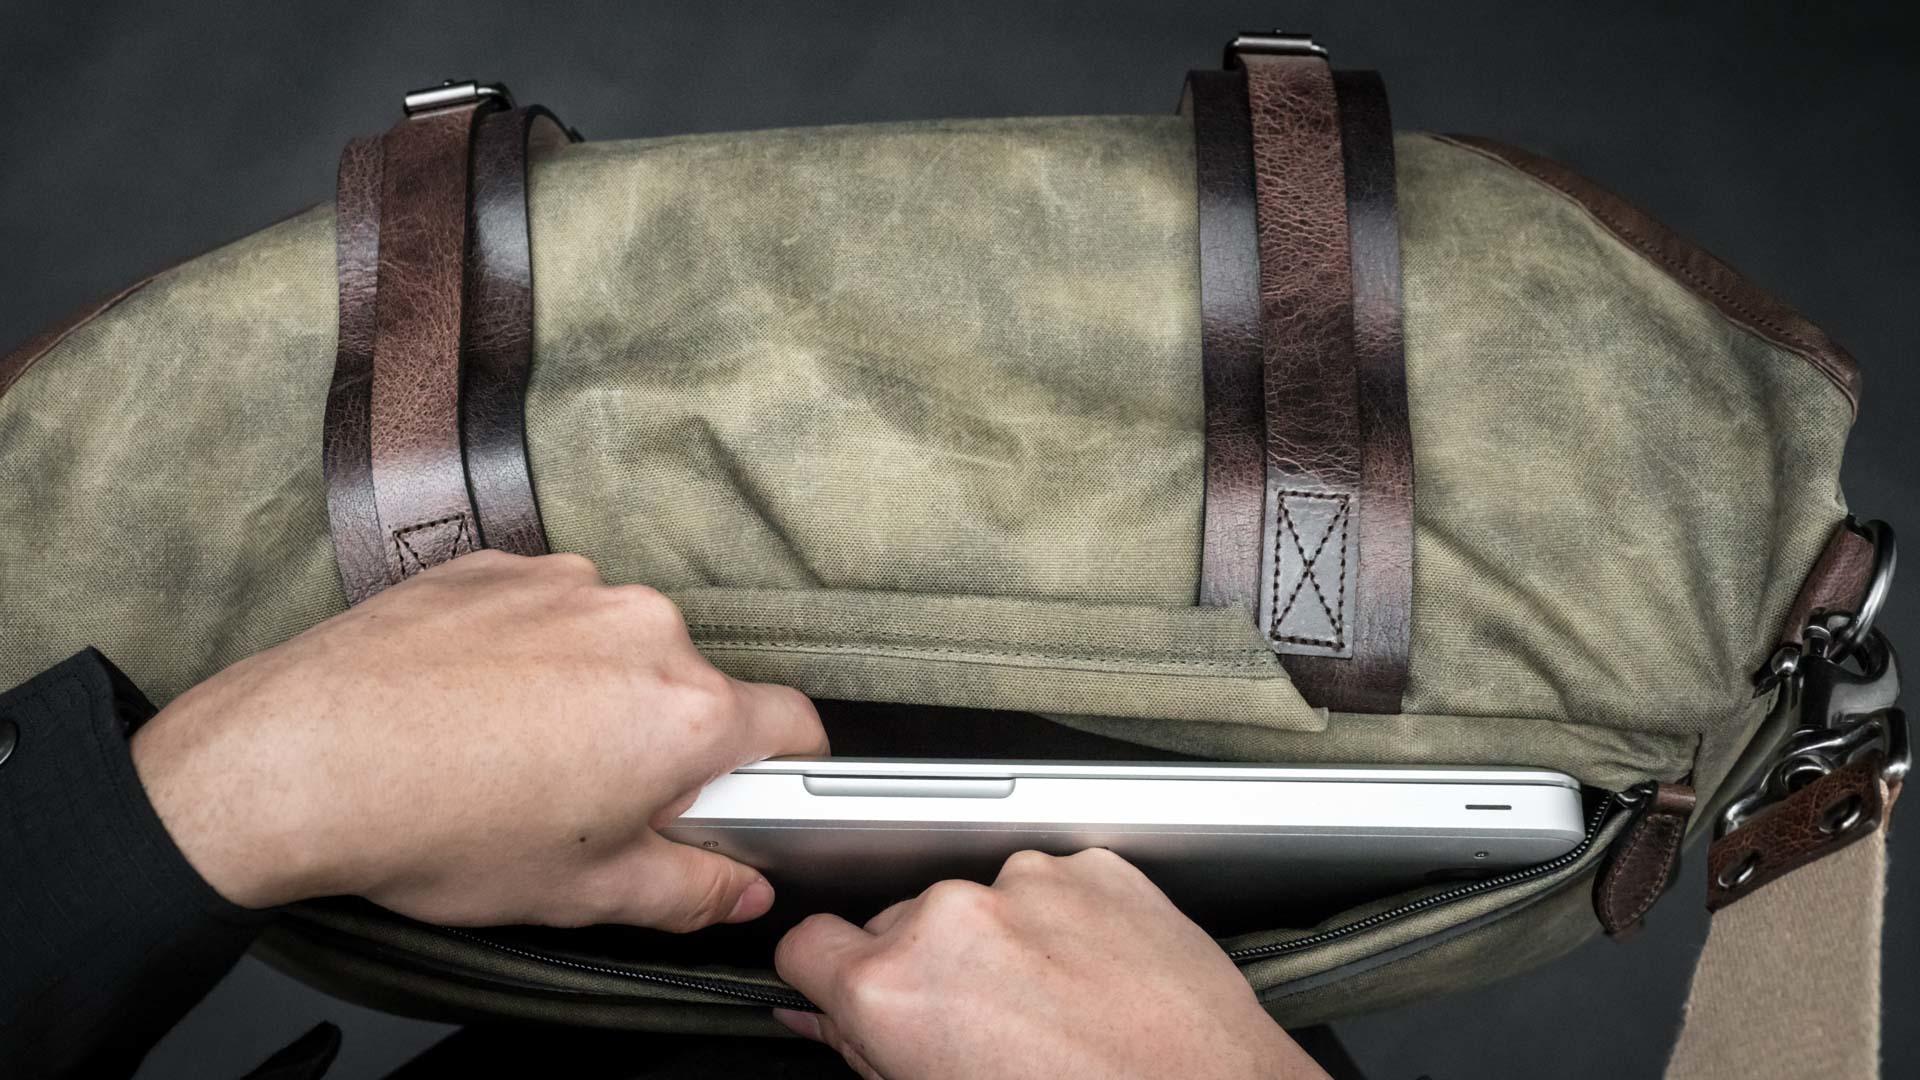 Laptop in back pocket.